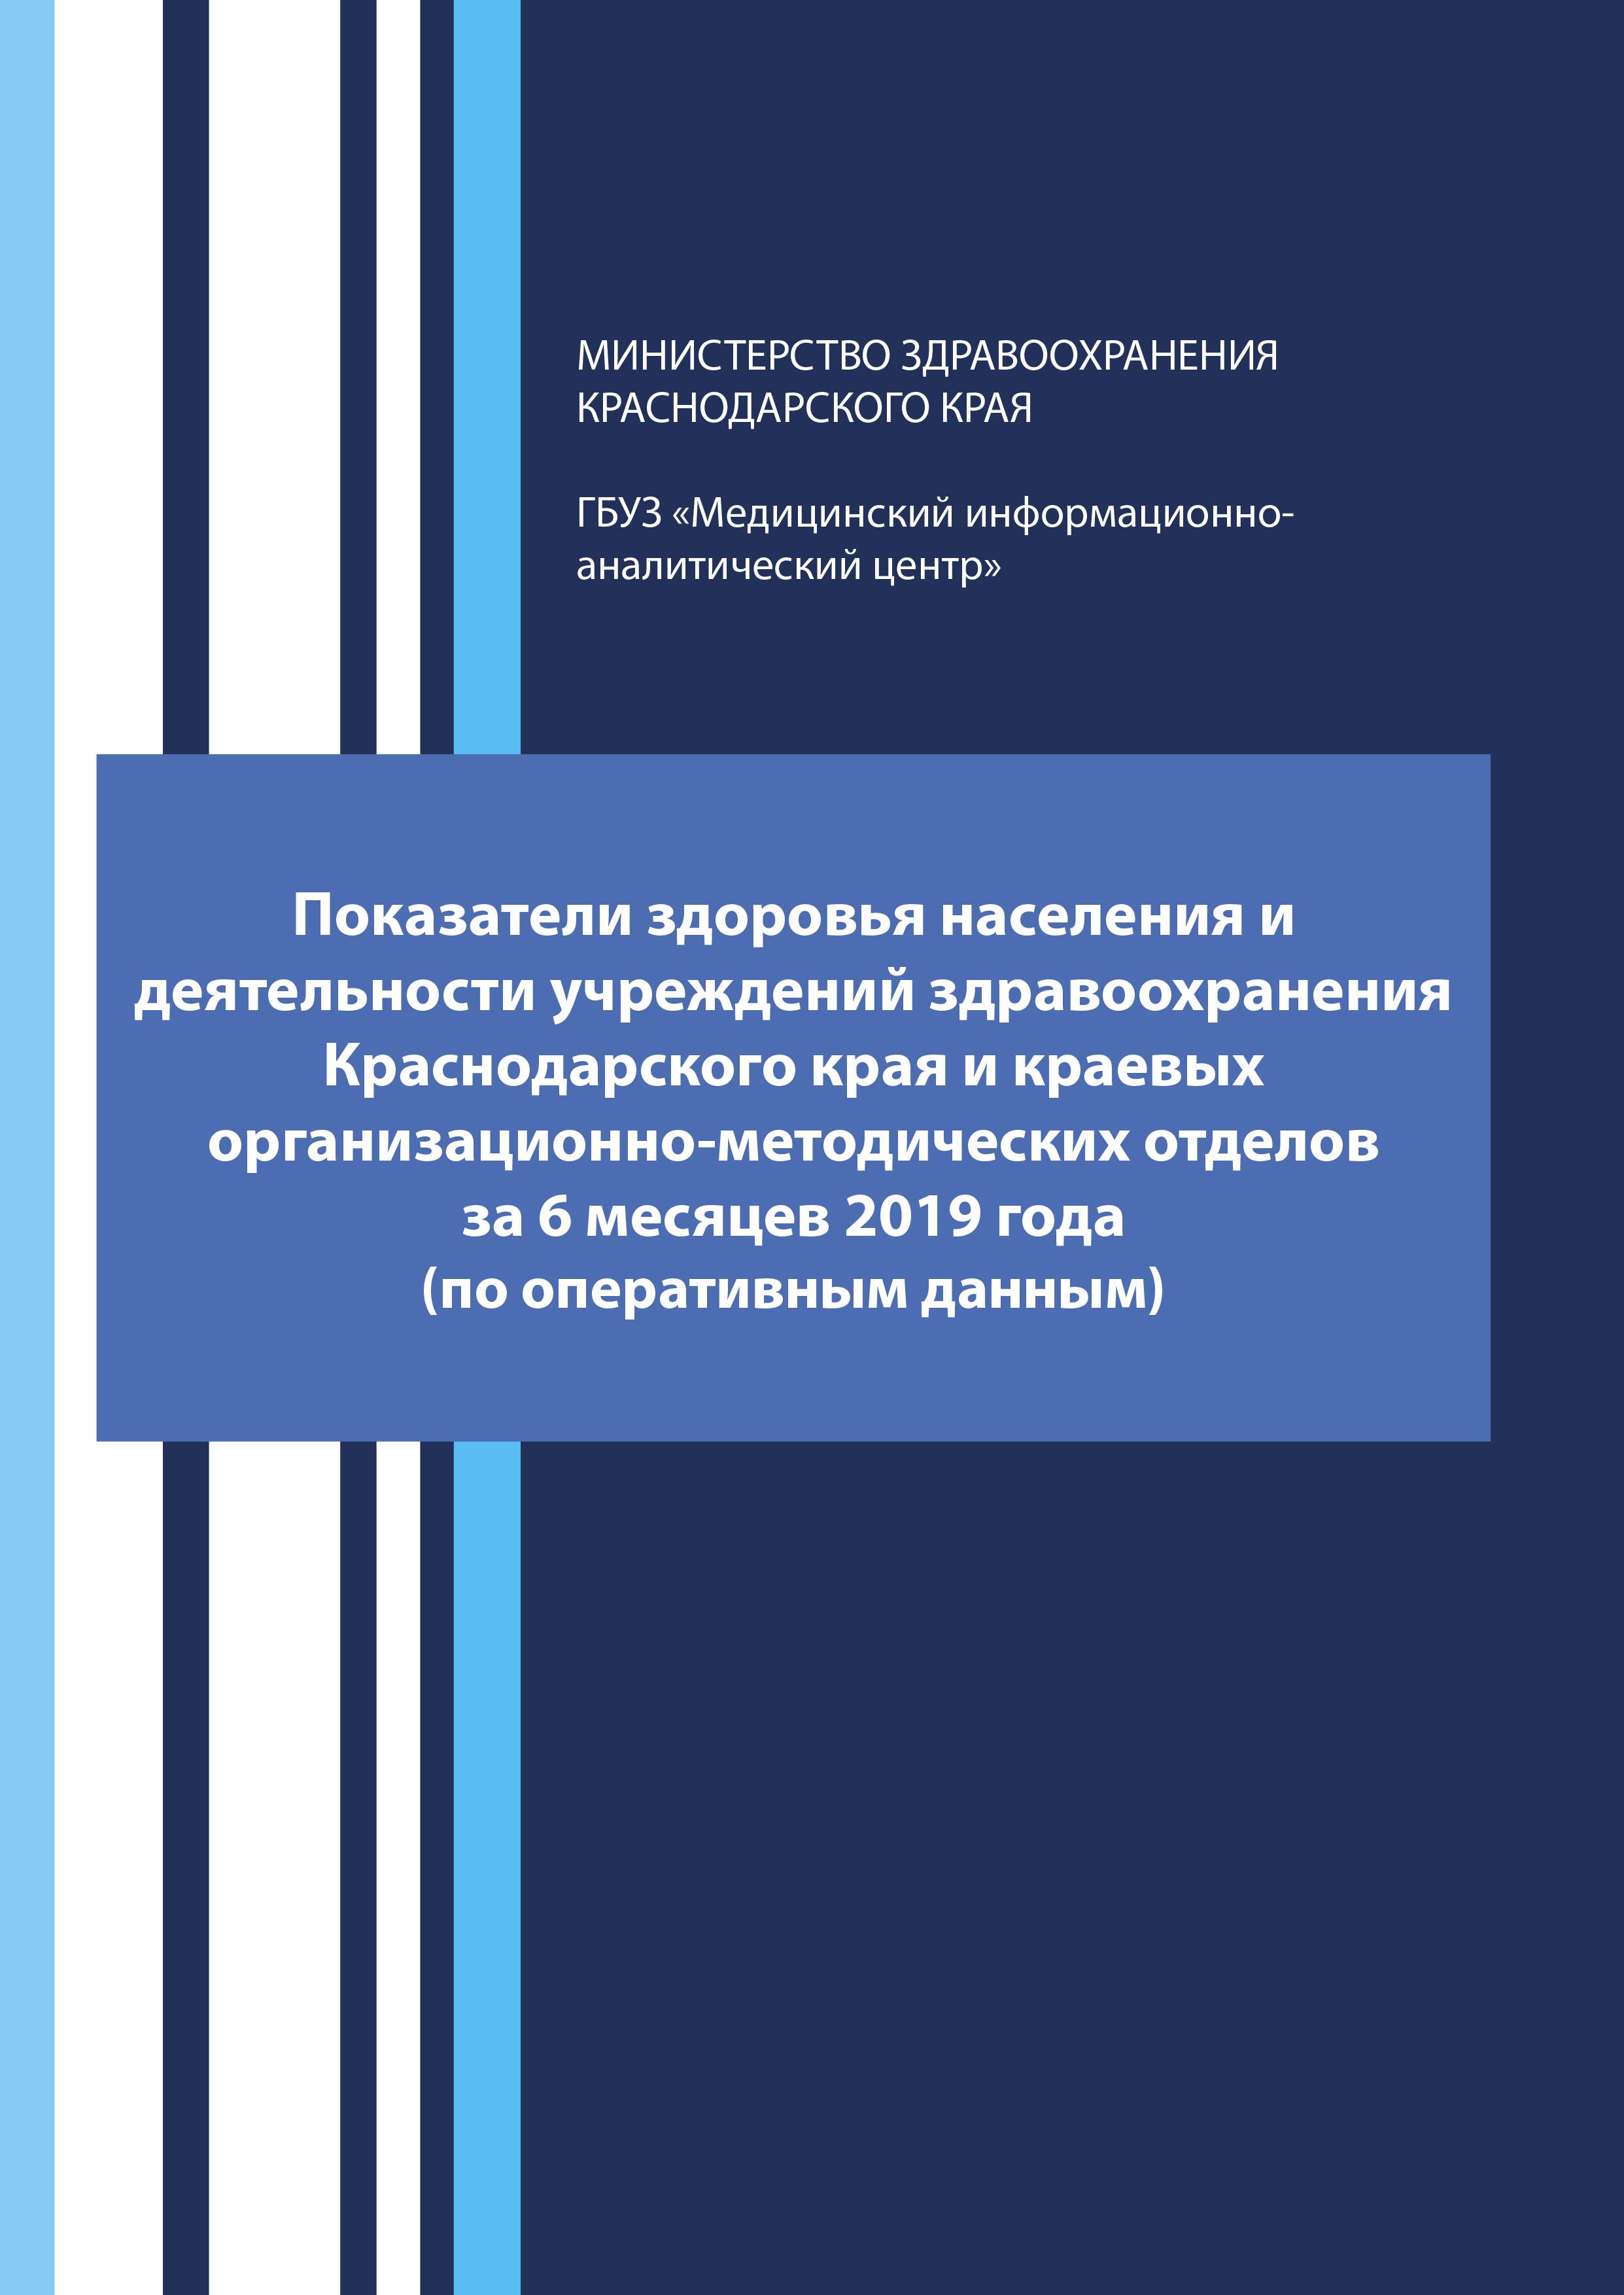 Показатели здоровья населения и деятельности учреждений здравоохранения Краснодарского края и краевых организационно-методических отделов за 6 месяцев 2019 года (по оперативным данным)